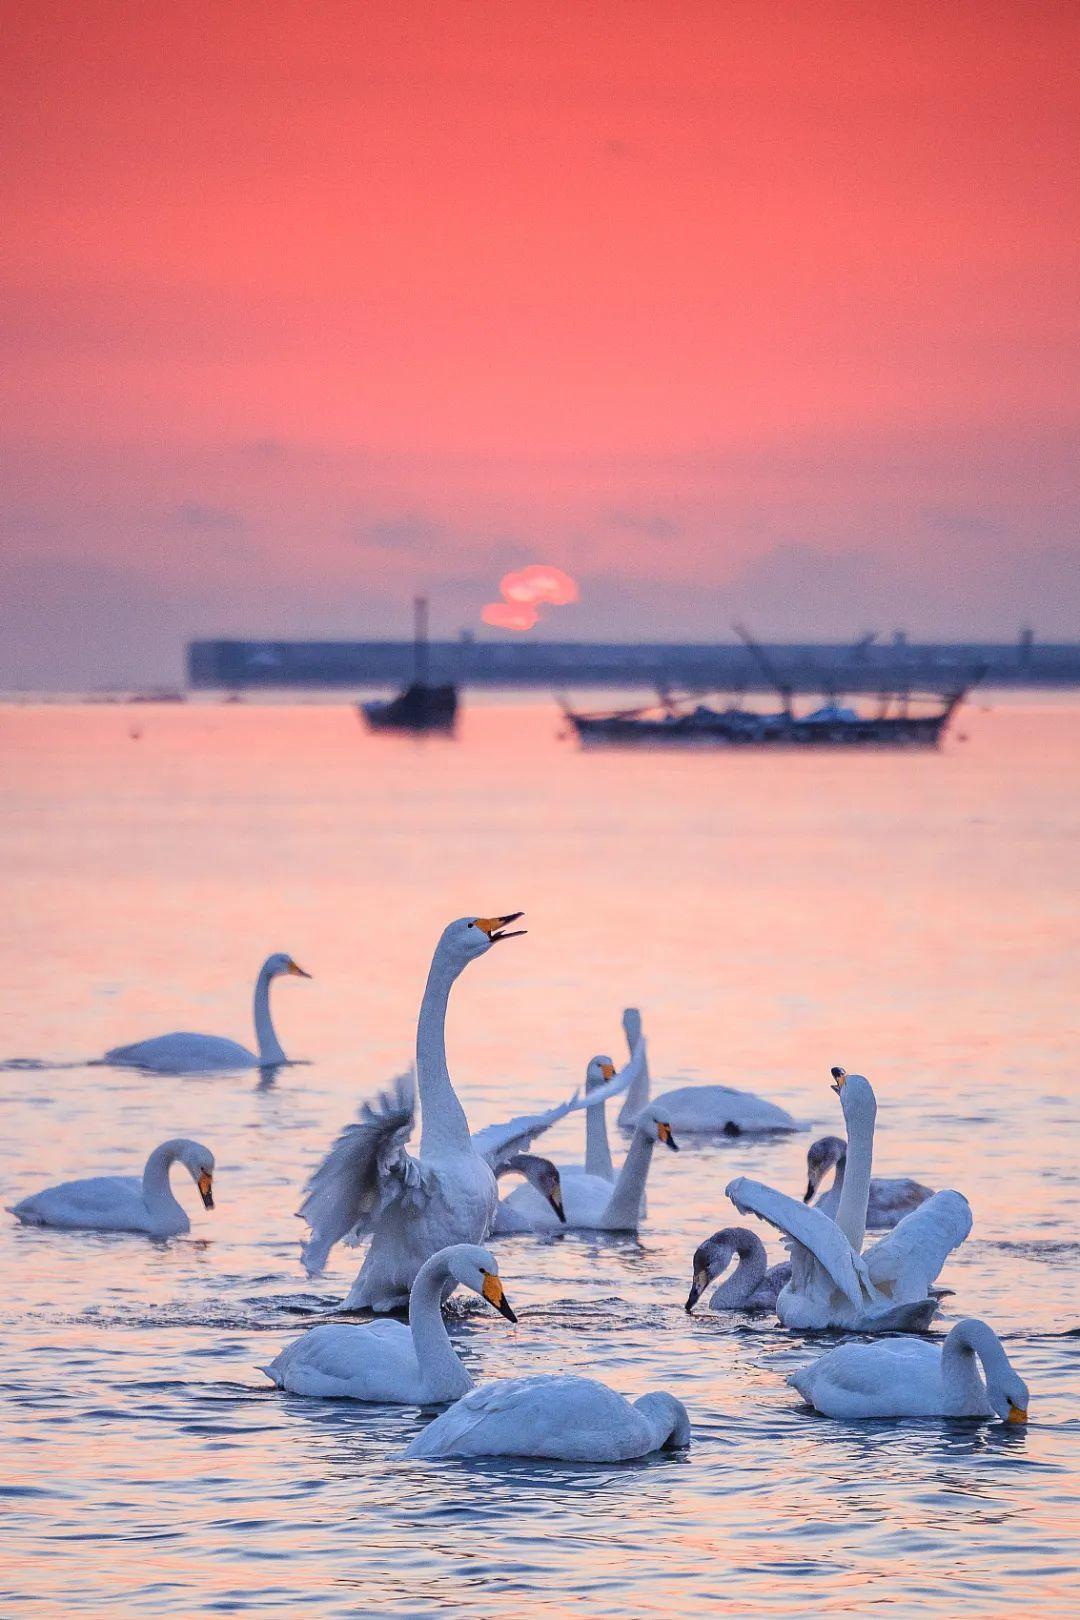 绝美天鹅湖。/视觉中国